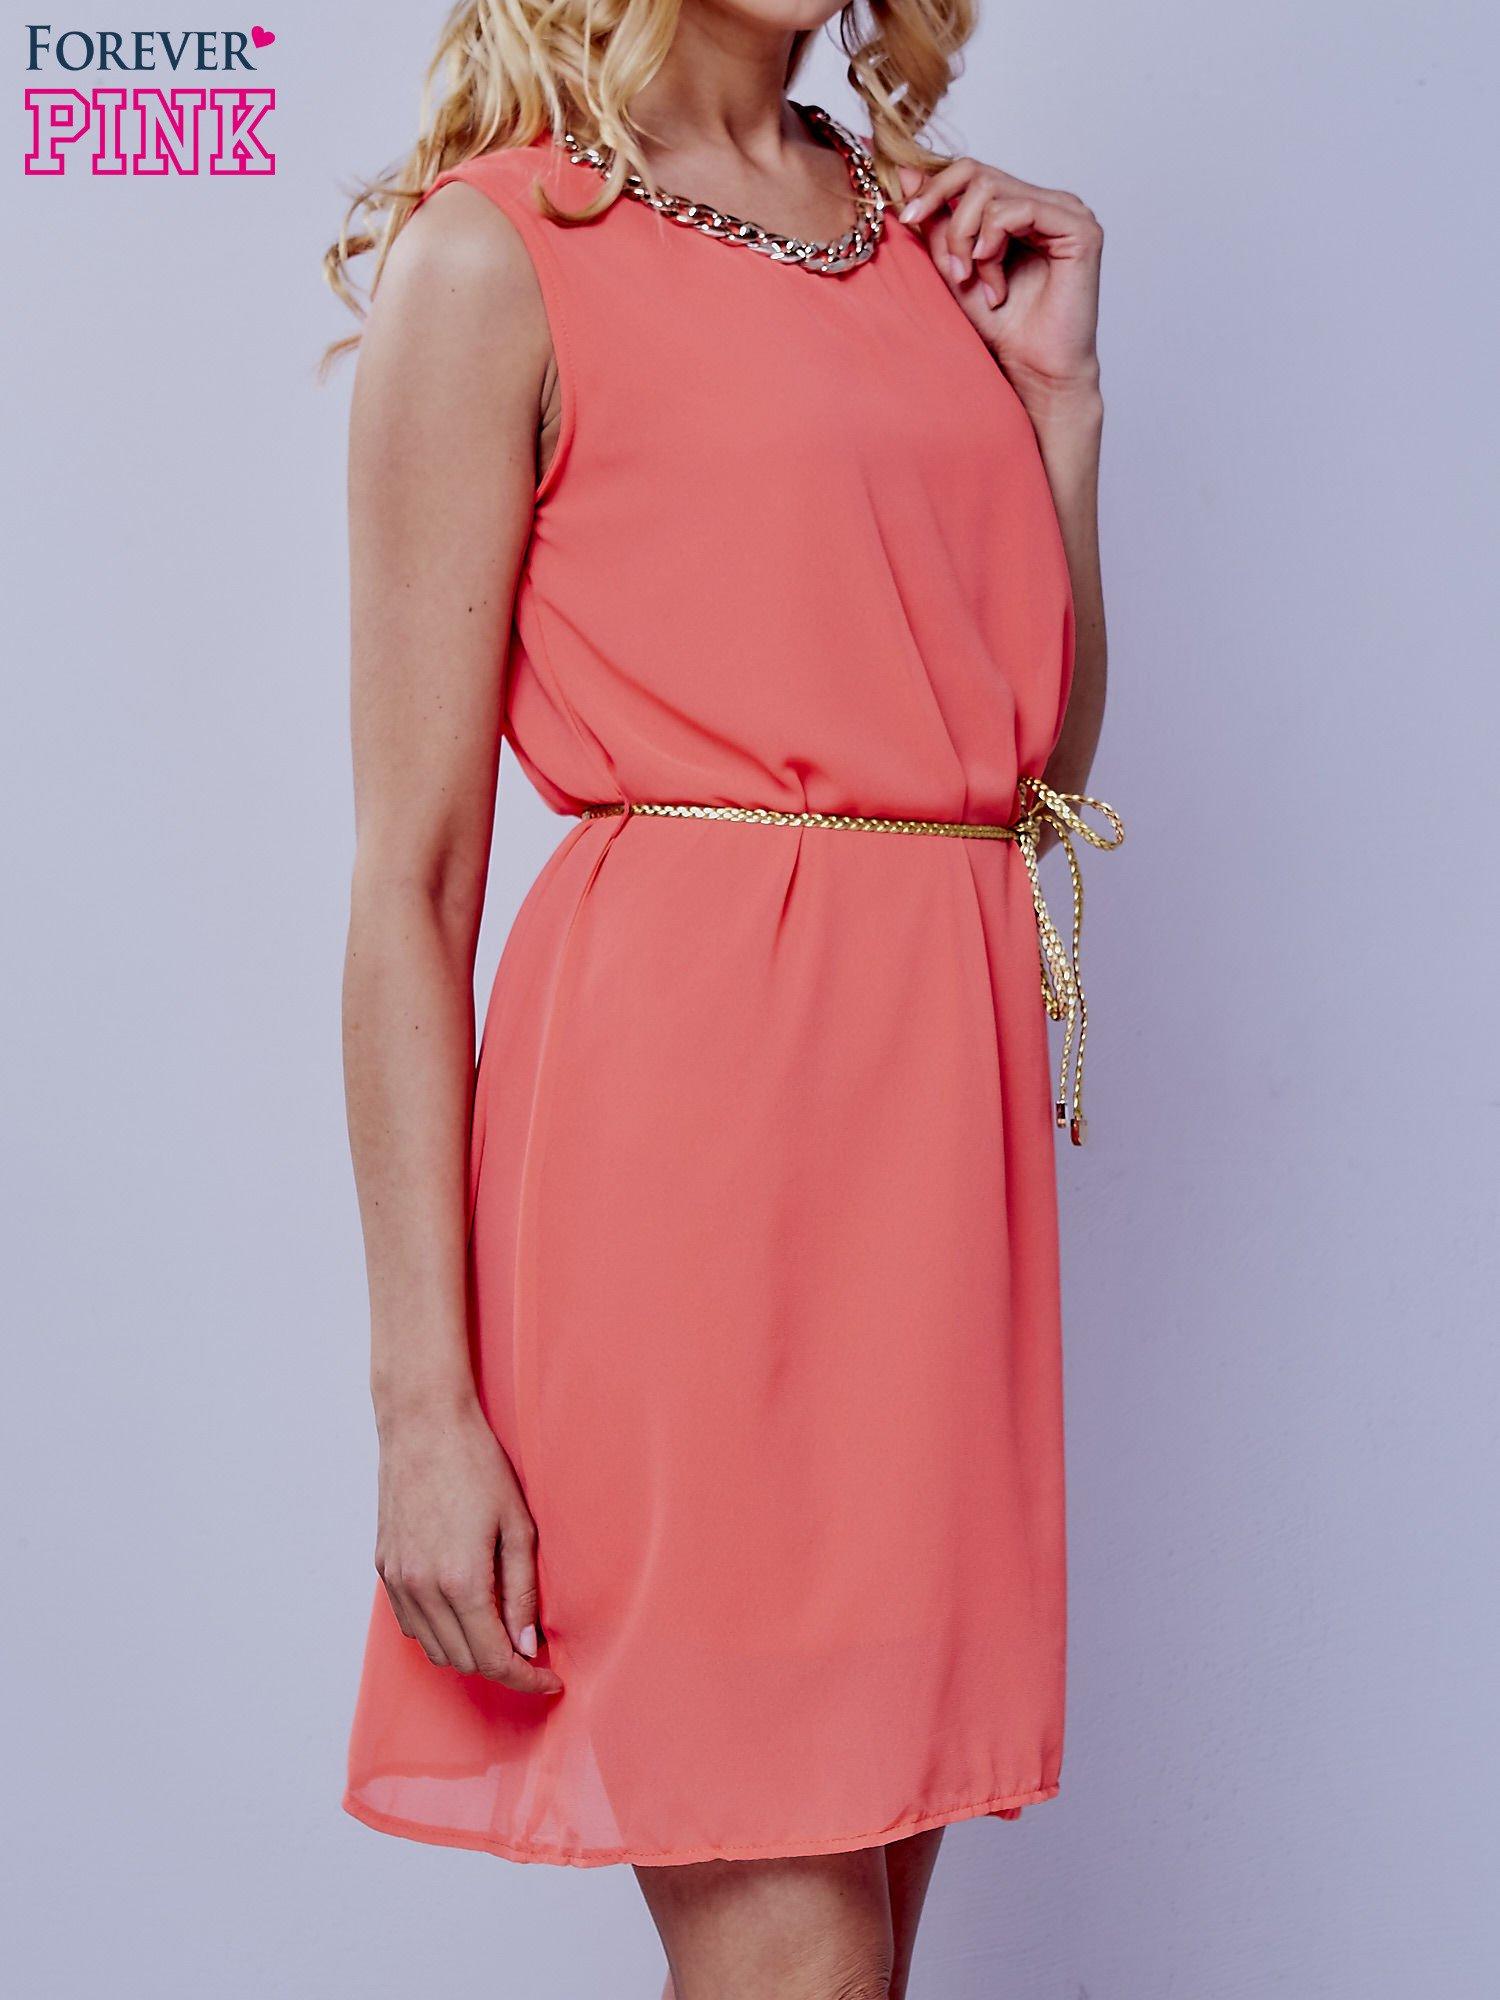 Koralowa sukienka ze złotym łańcuszkiem przy dekolcie                                  zdj.                                  2